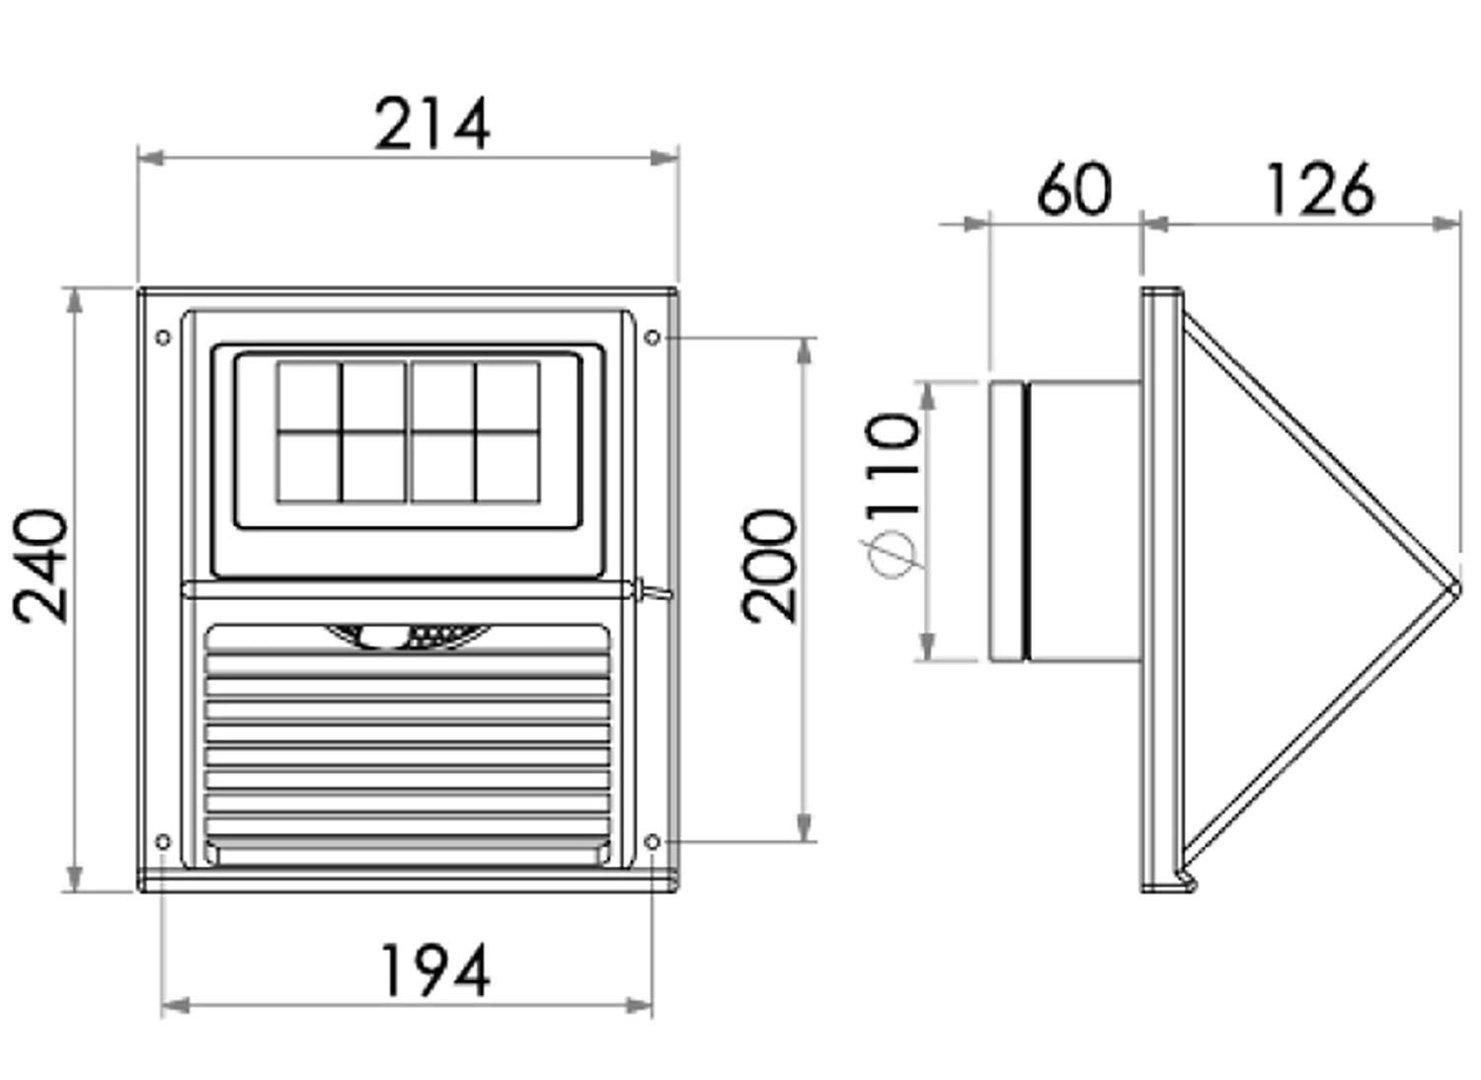 Ventilateur aérateur solaire de façade 60m3h nuit et jour avec batterie et panneau solaire amovible